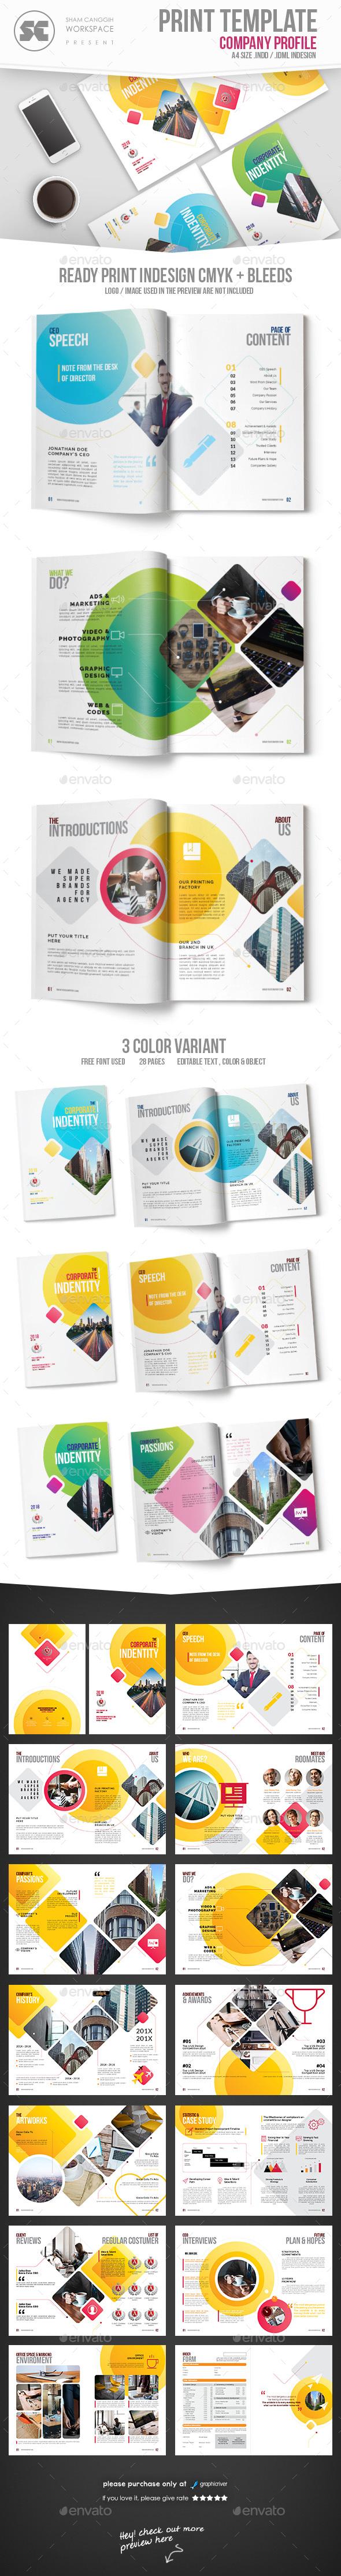 Corporate Profile - Corporate Brochures